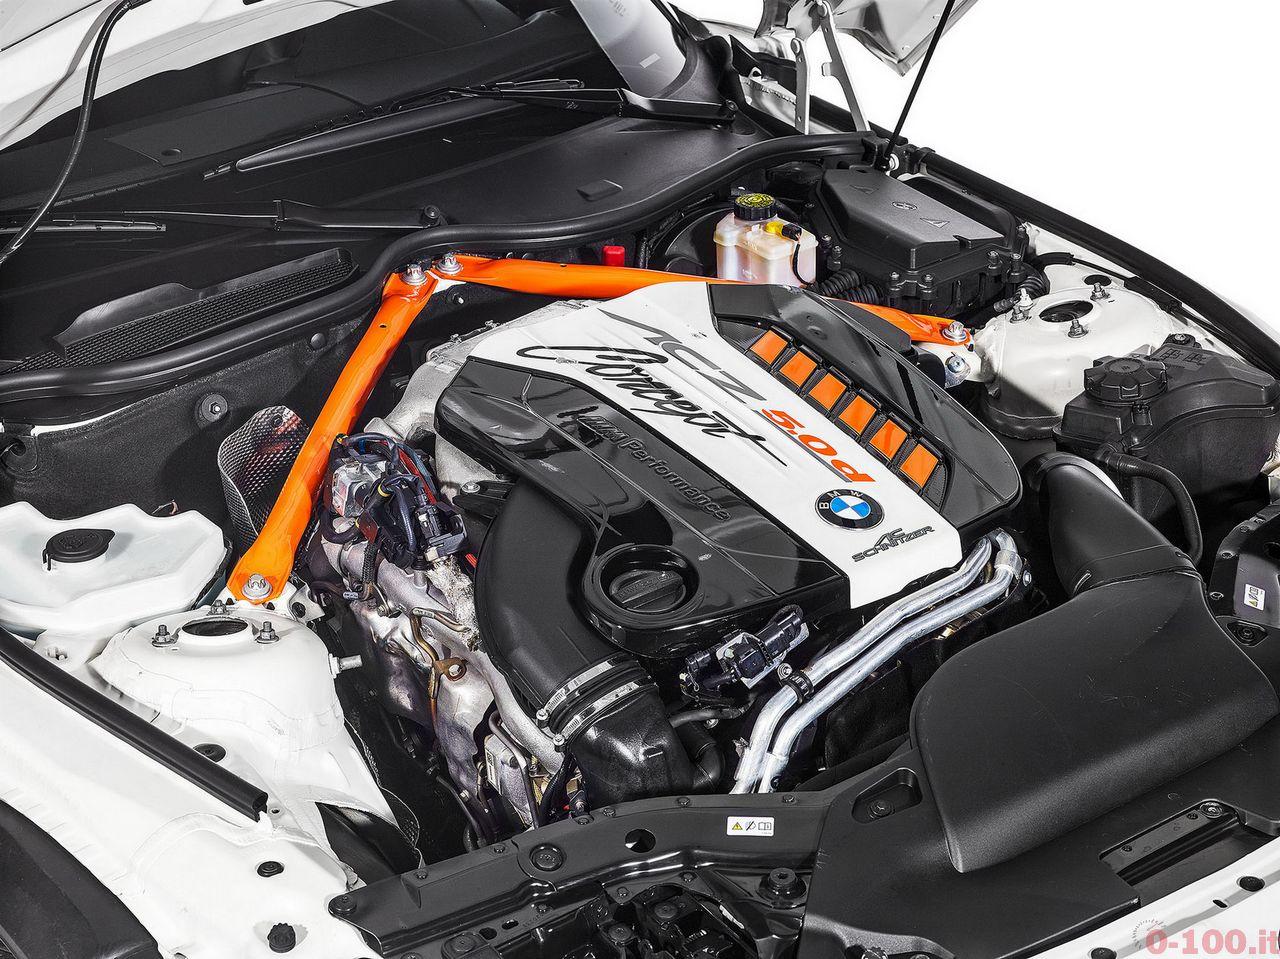 tuning-ac-schnitzer-acz4-5000-d_BMW_Z4-m550d-0-100_10